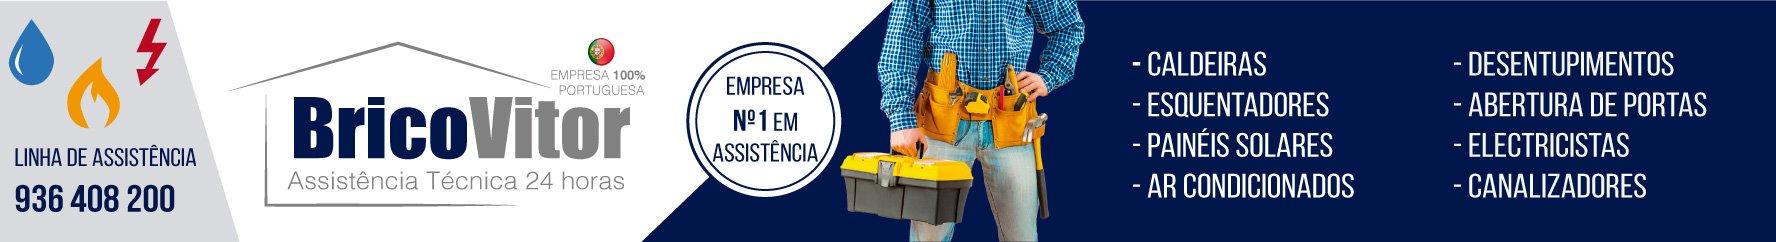 Assistência Caldeiras Vilarinho, Santo Tirso - Porto